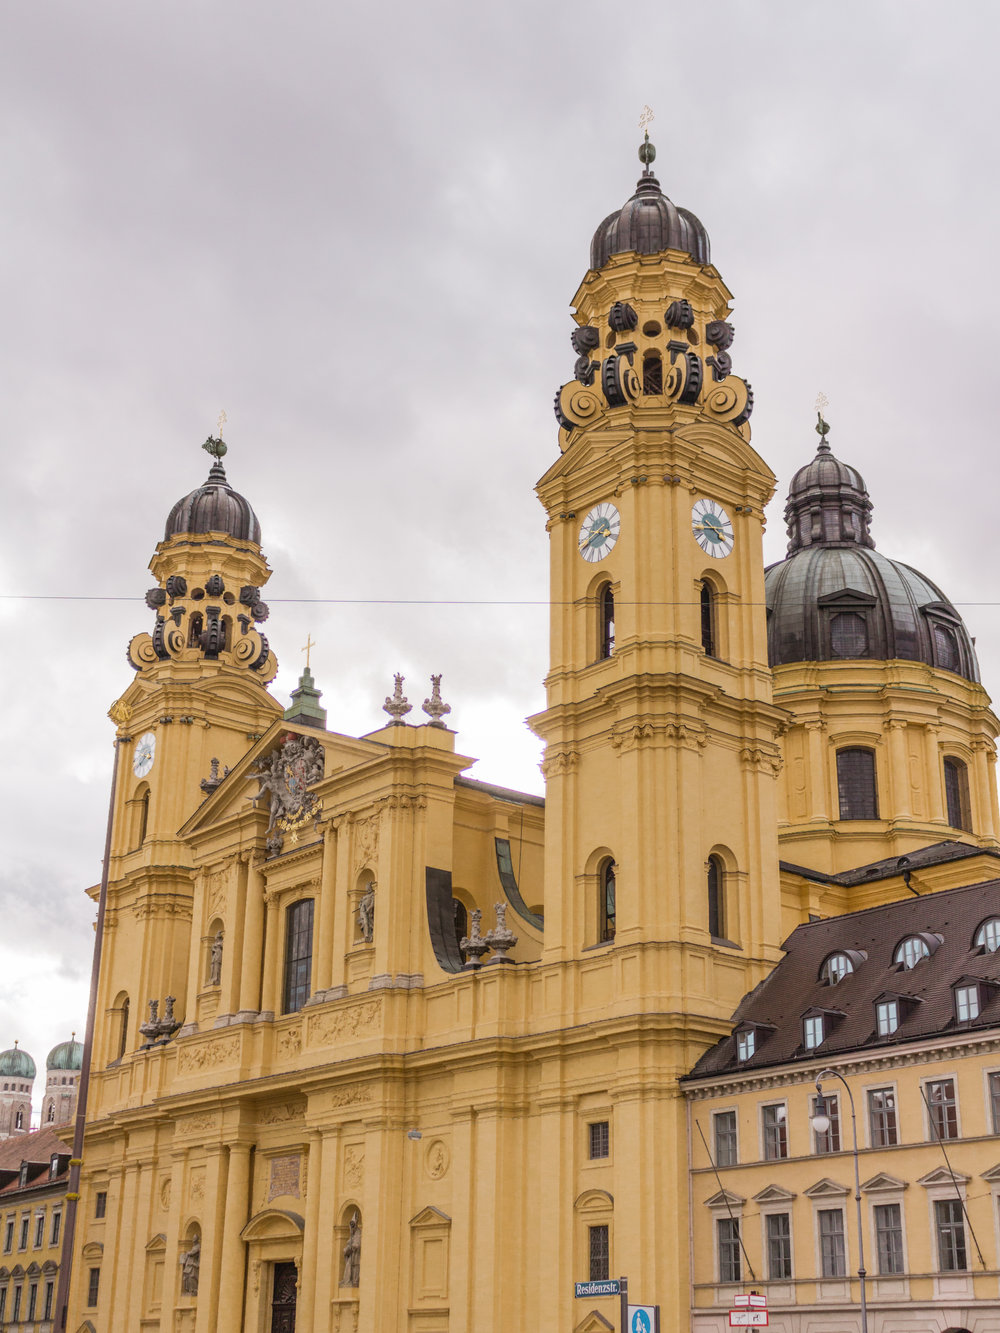 Odeonplatz Munich